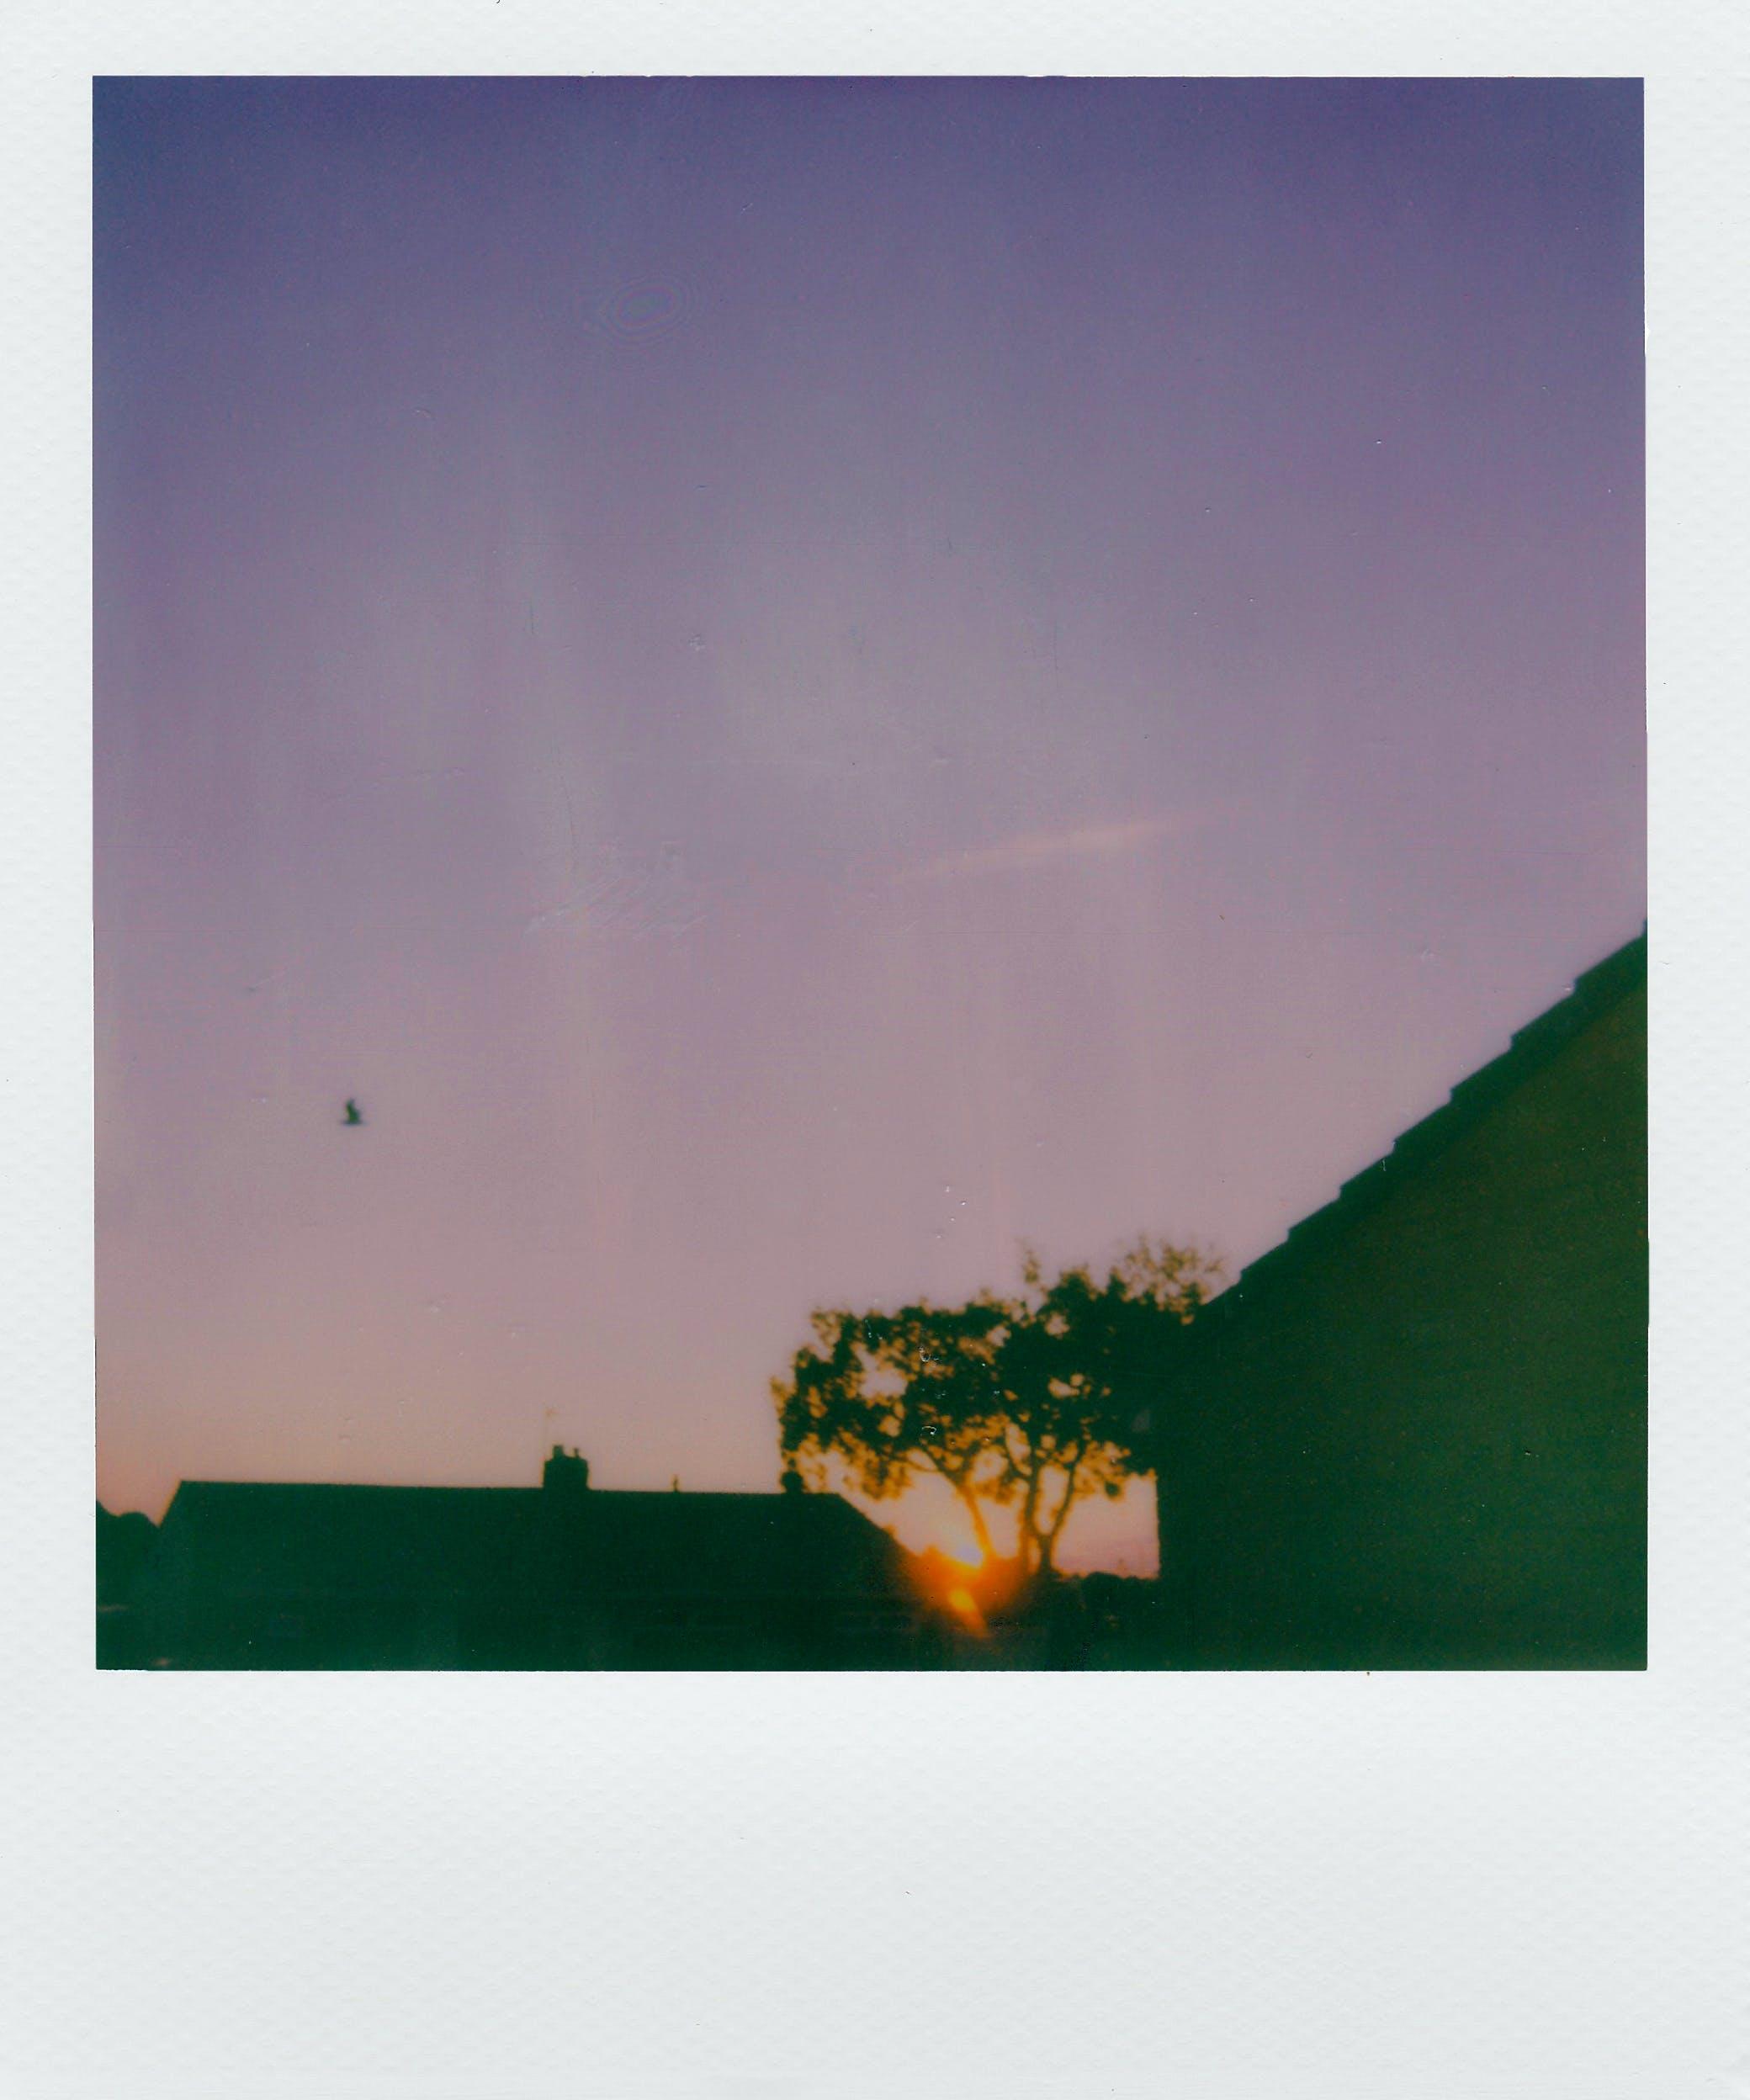 圖片, 拍立得, 日出, 日落 的 免費圖庫相片